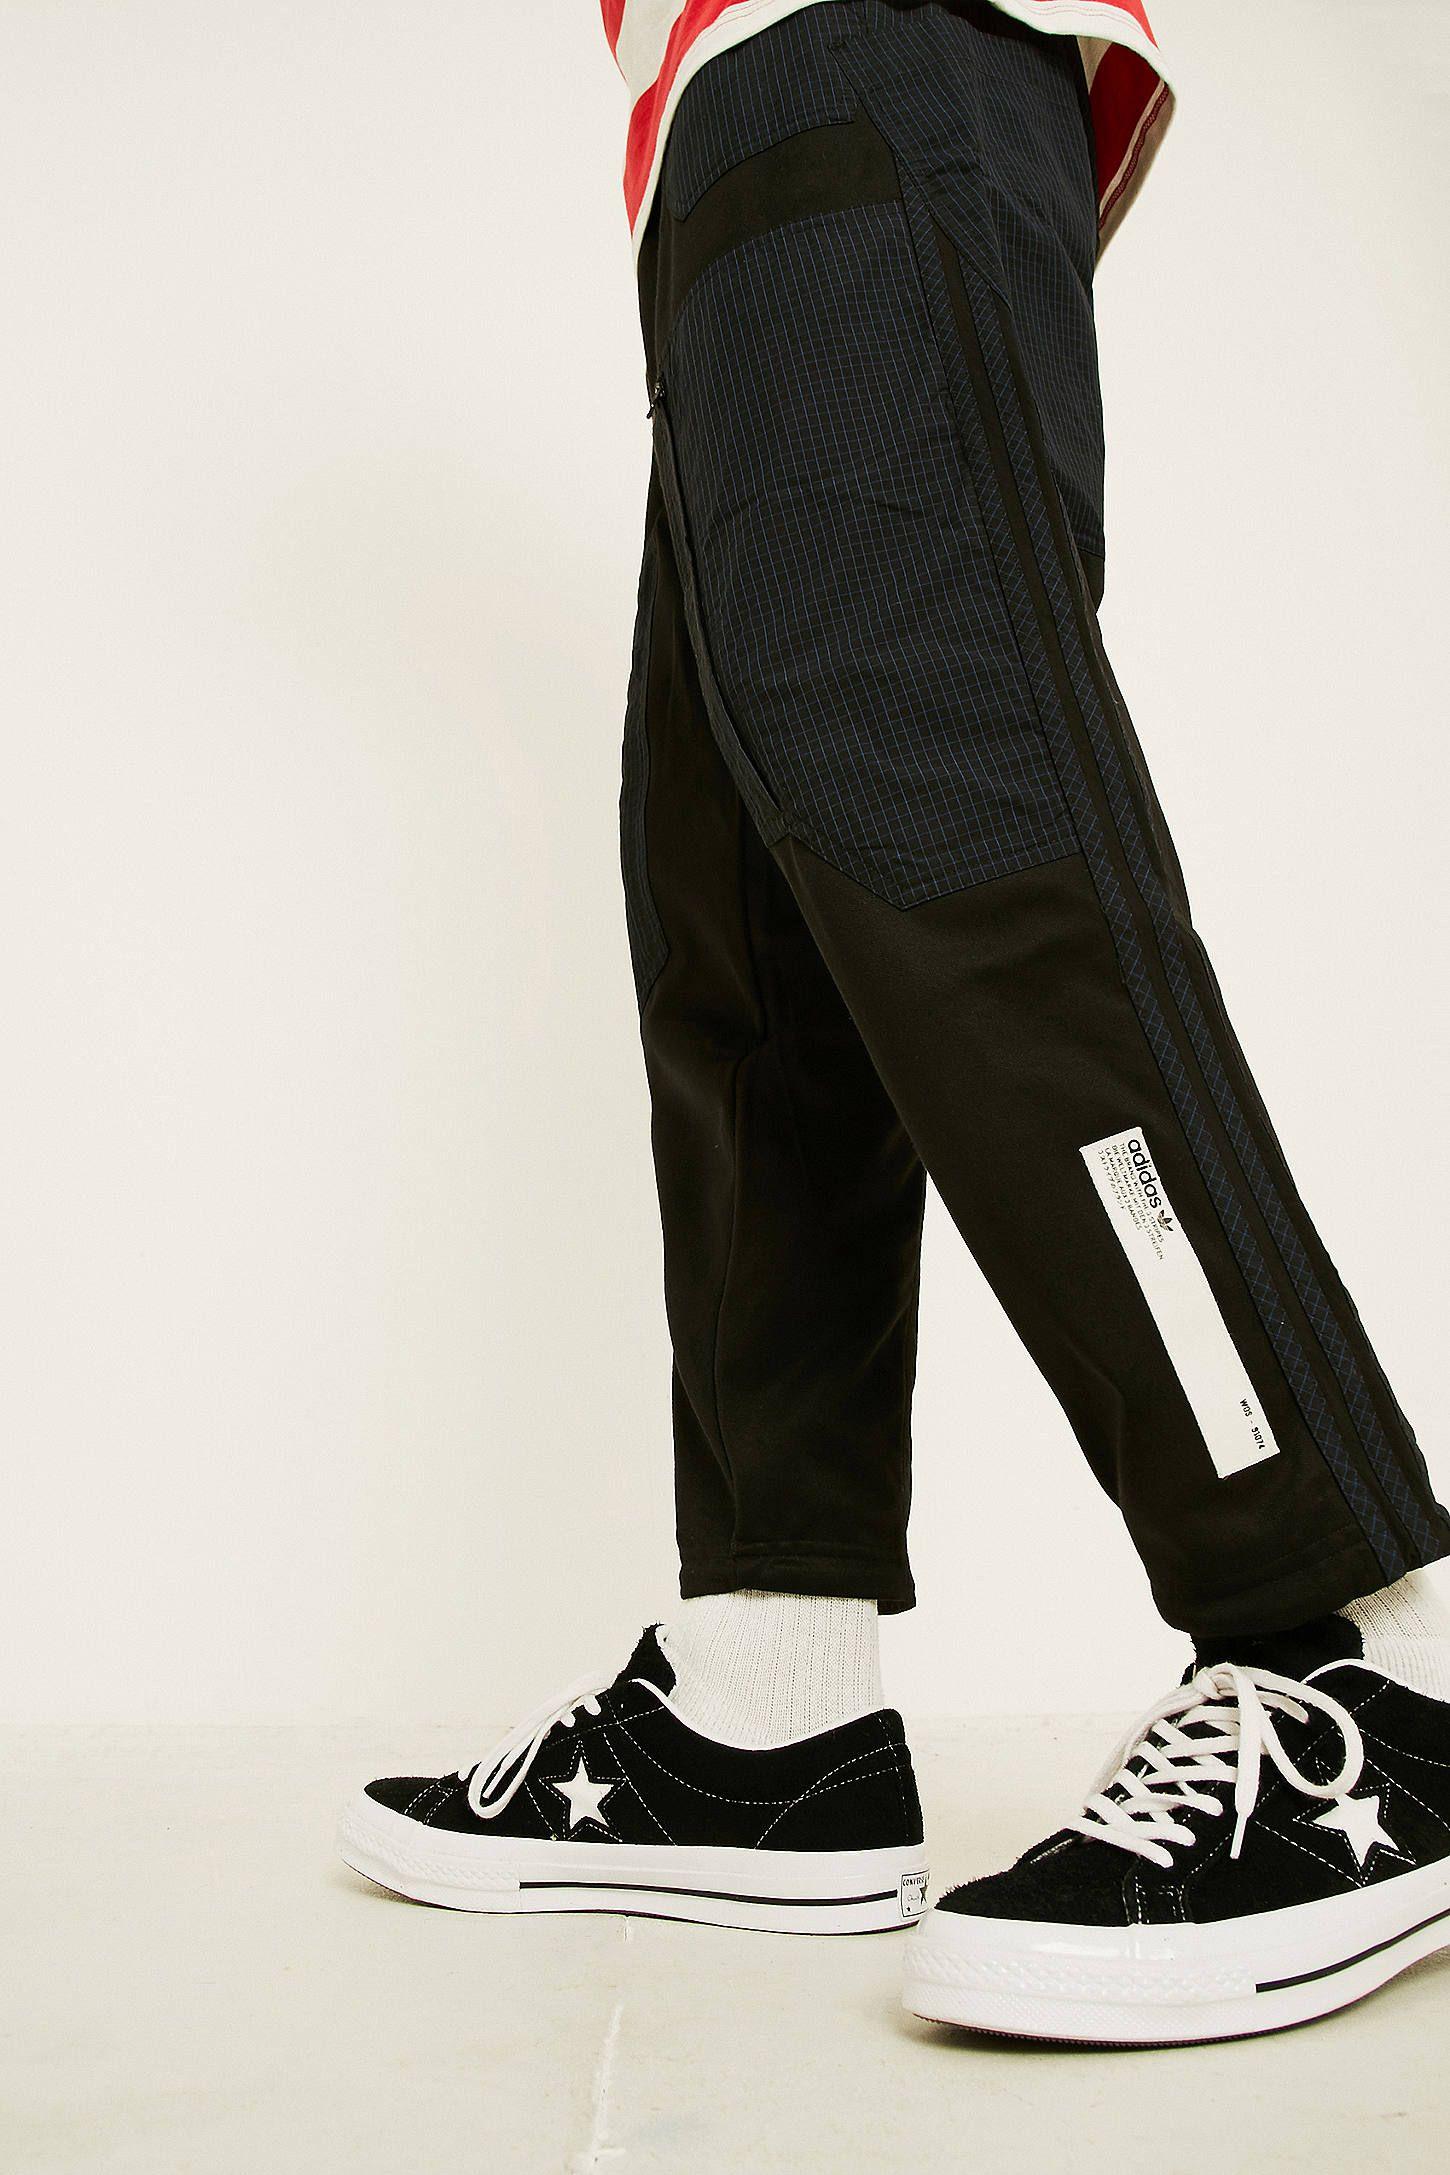 56cedd23e12b8 adidas NMD Black Track Pants